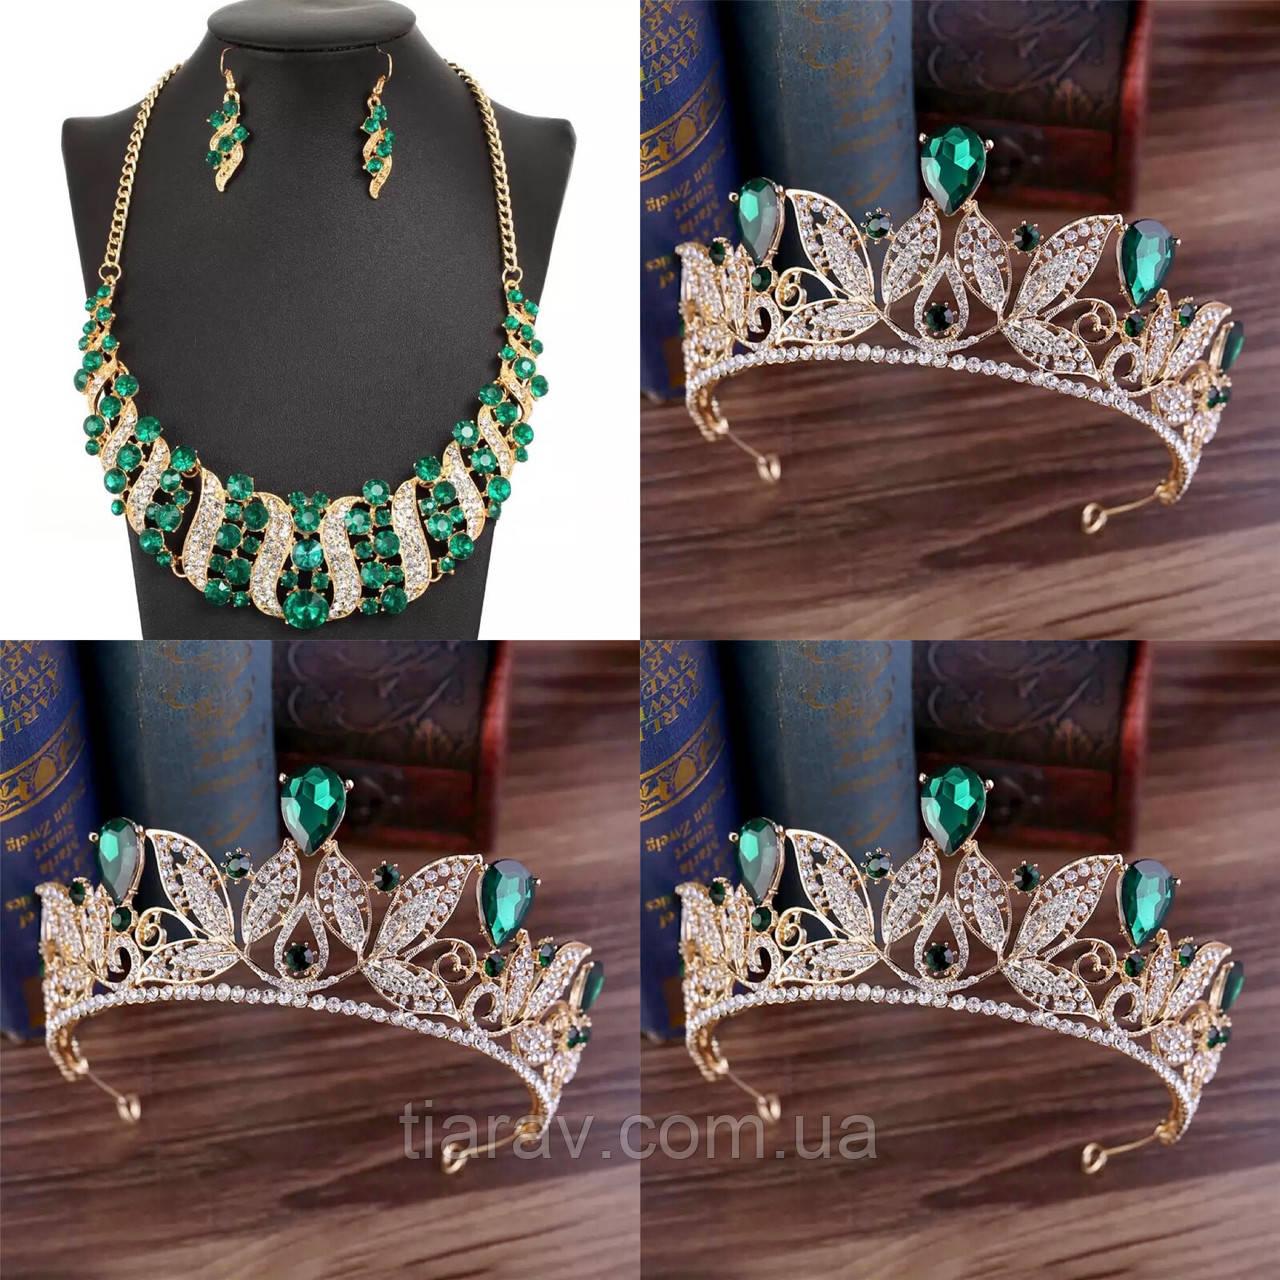 Тіара і сережки з зеленими каменями, корона діадема, кольє і сережки